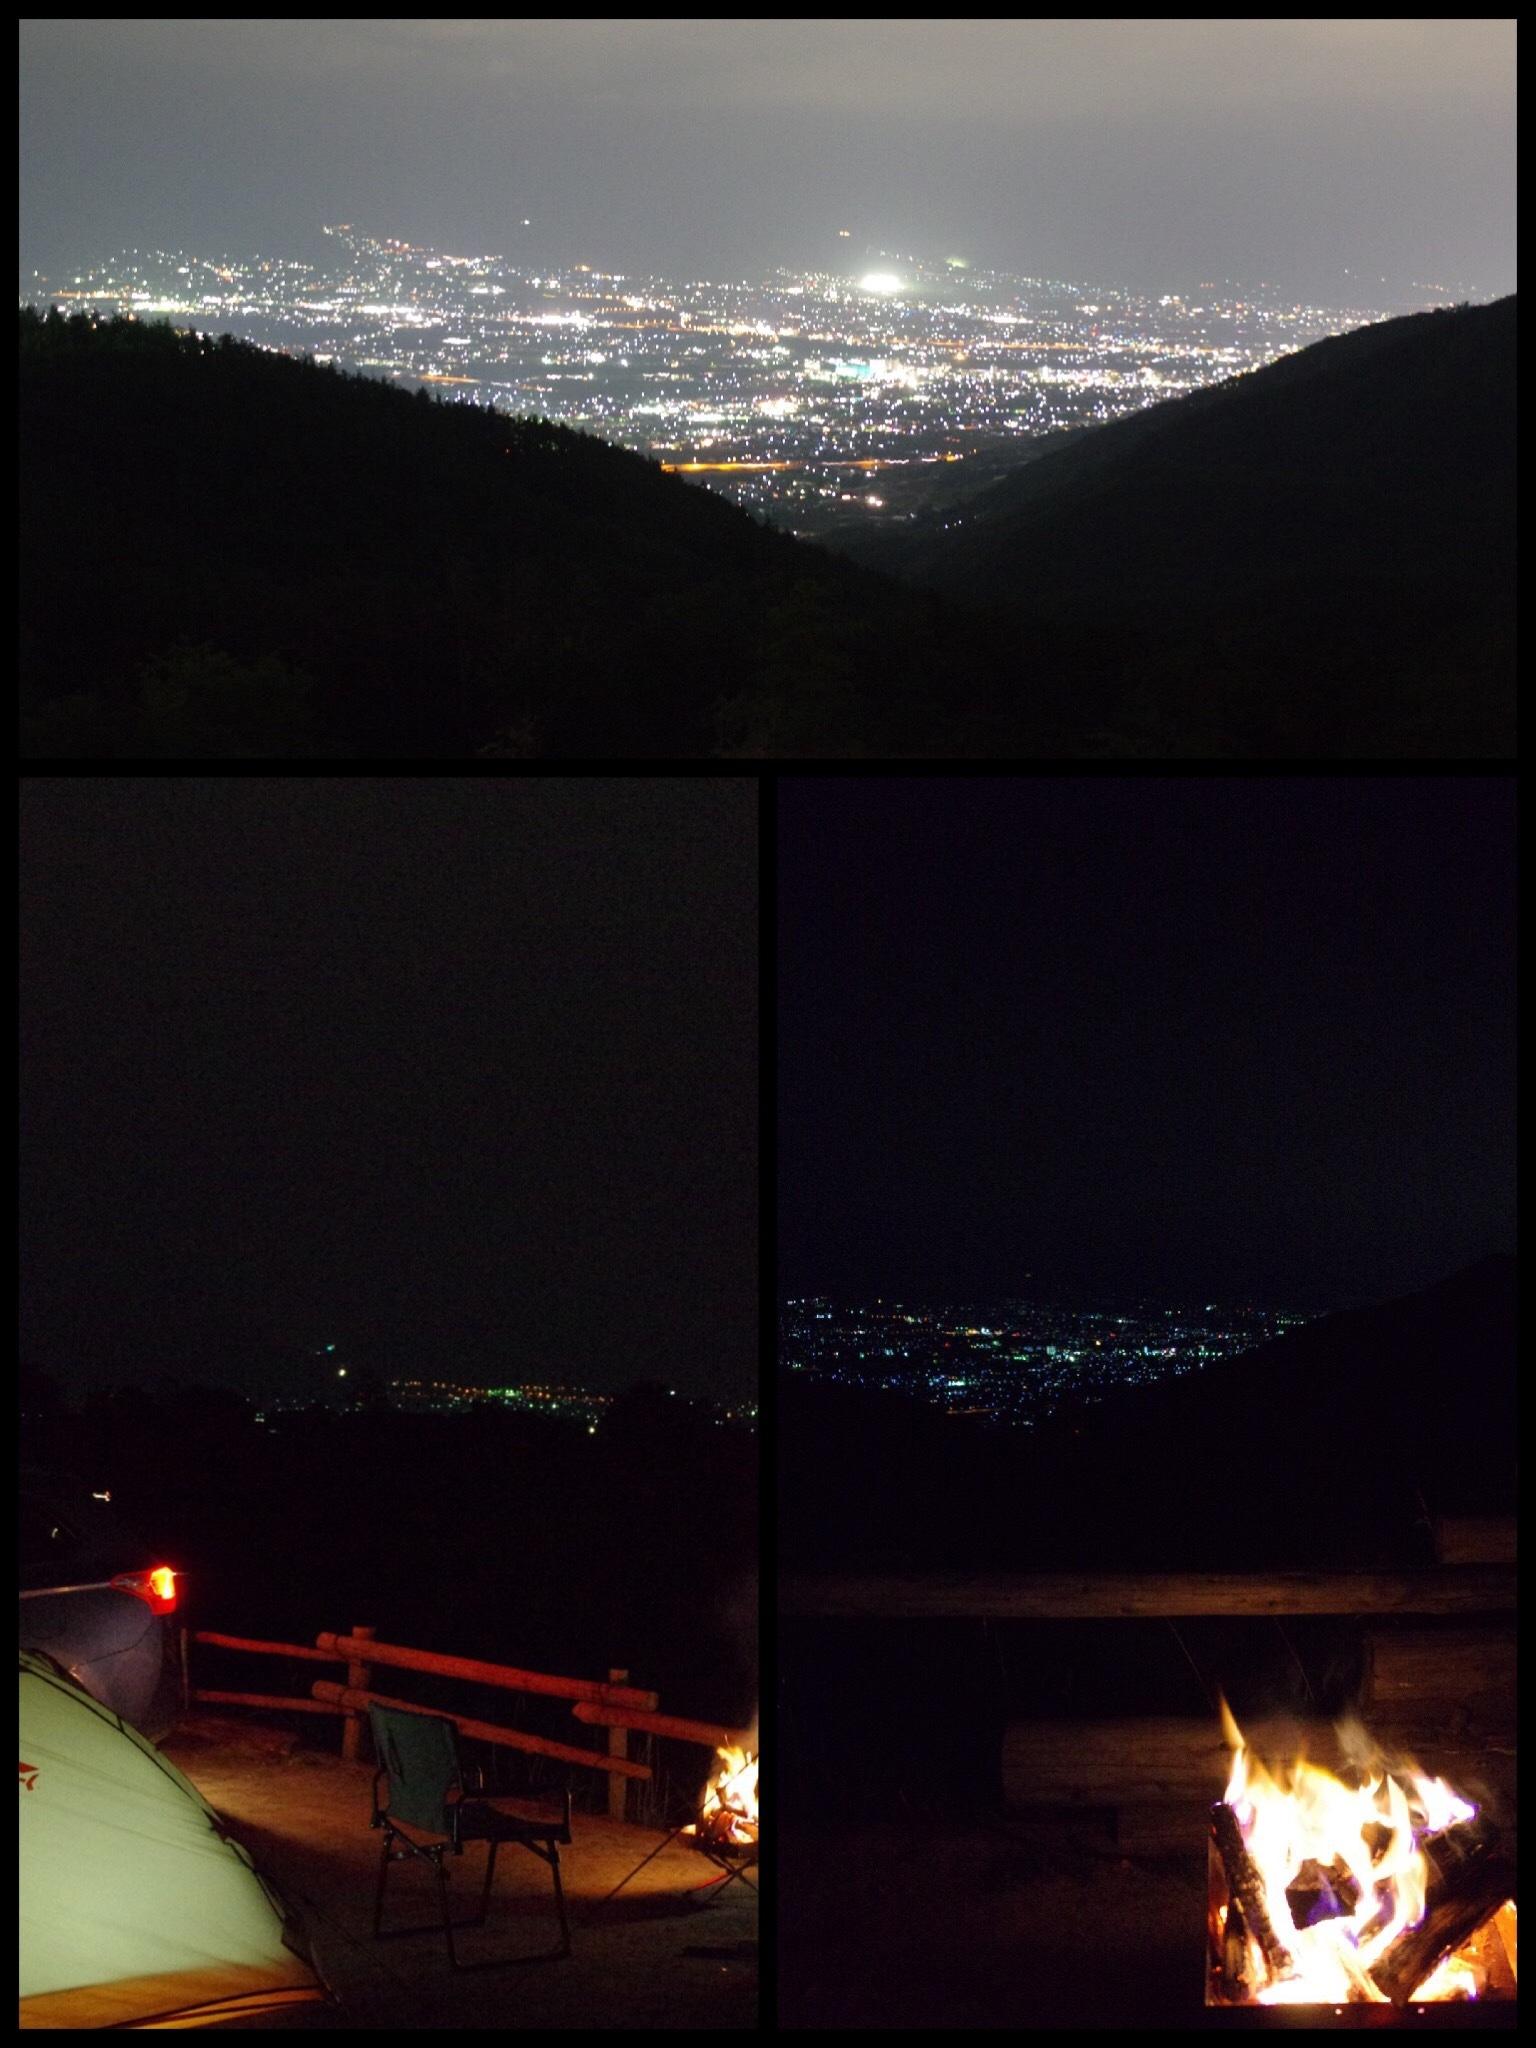 ほったらかしキャンプ場 小屋付きサイト 夜景